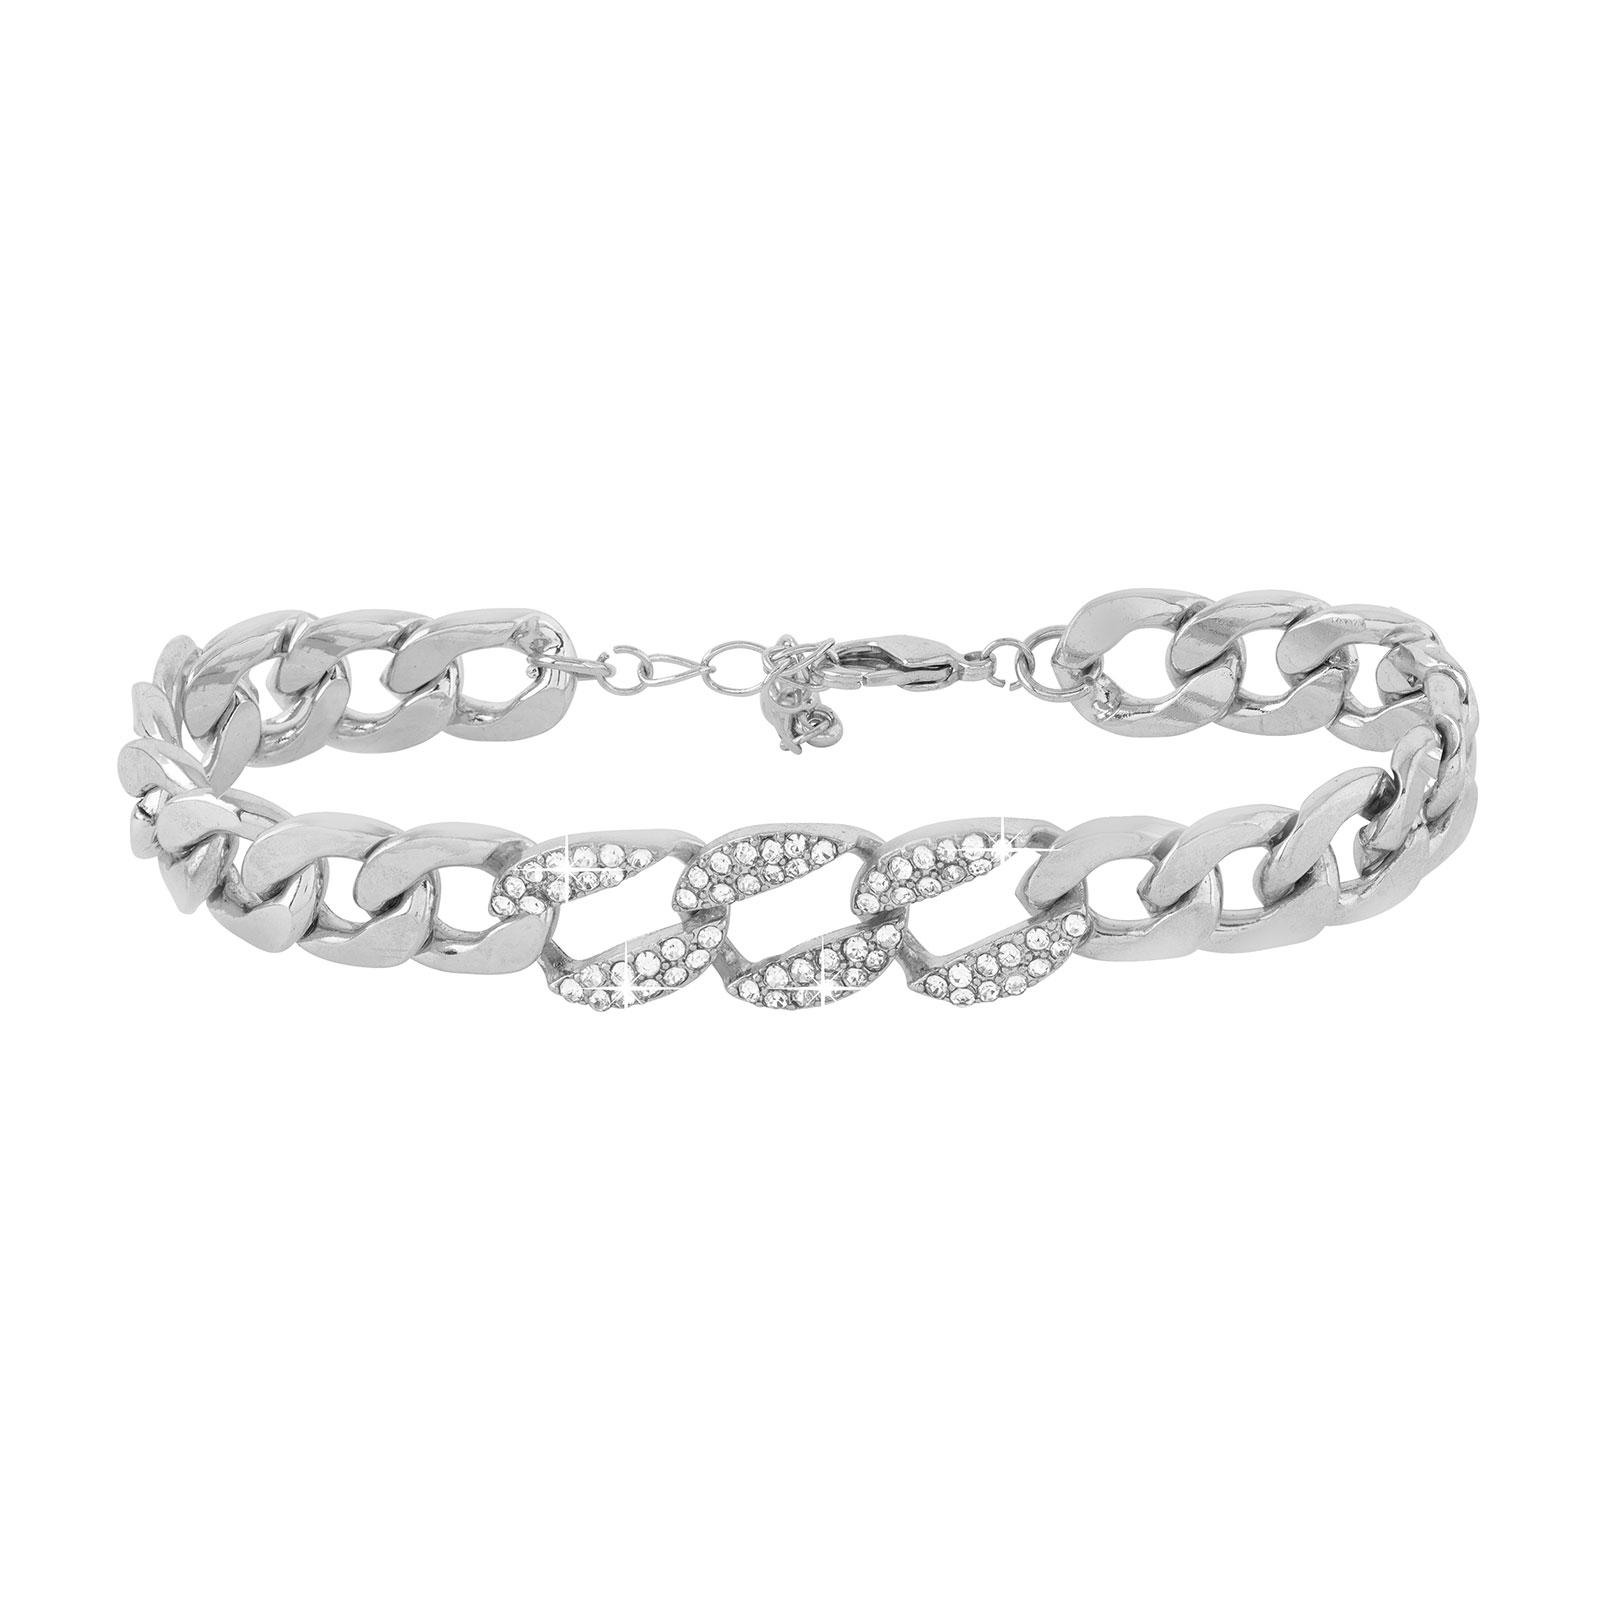 Armband - Silverfärgad kedja med vita stenar